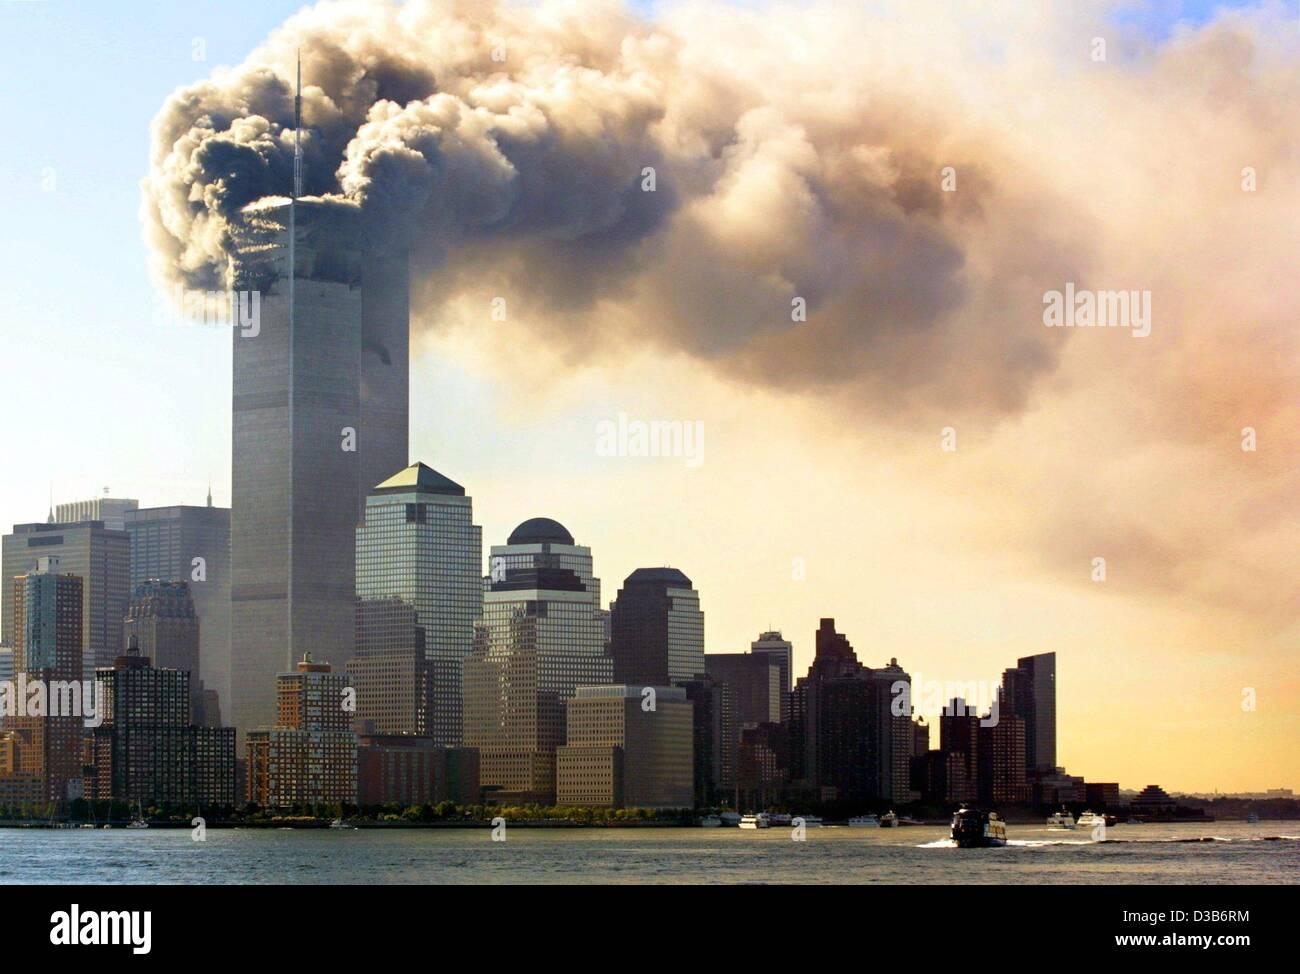 (Dpa) - bevor die Zwillingstürme des World Trade Center in New York zusammenbrechen, Wolken von Rauch Aufstieg aus Stockfoto